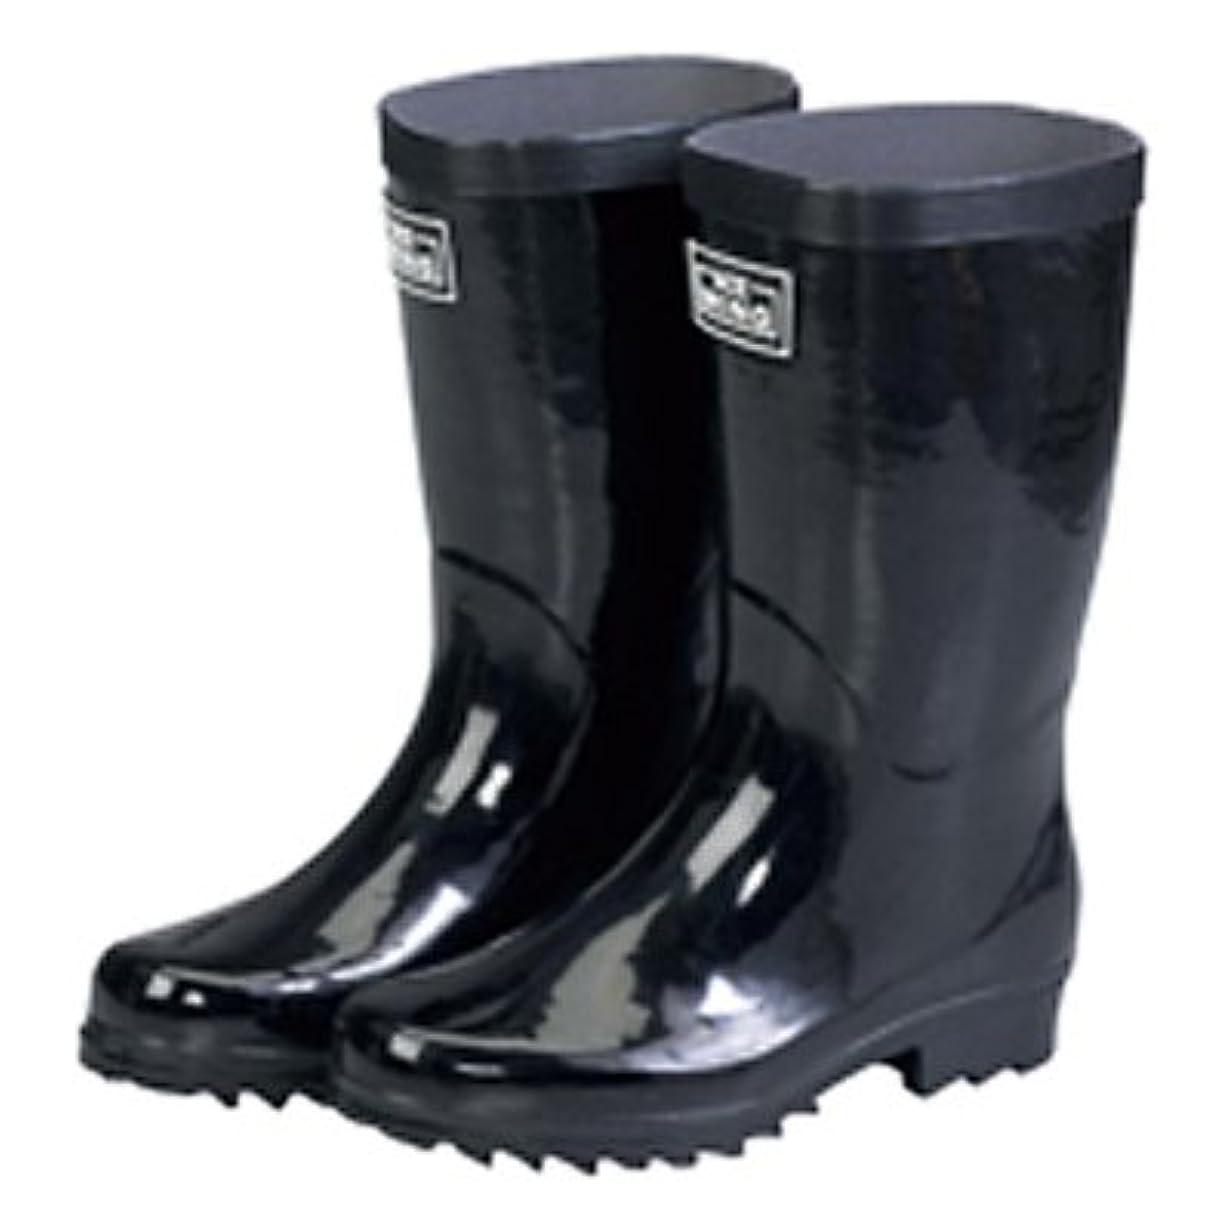 小康謙虚反動ウイングエース 軽半長靴(裏付) 28.0cm WB-802